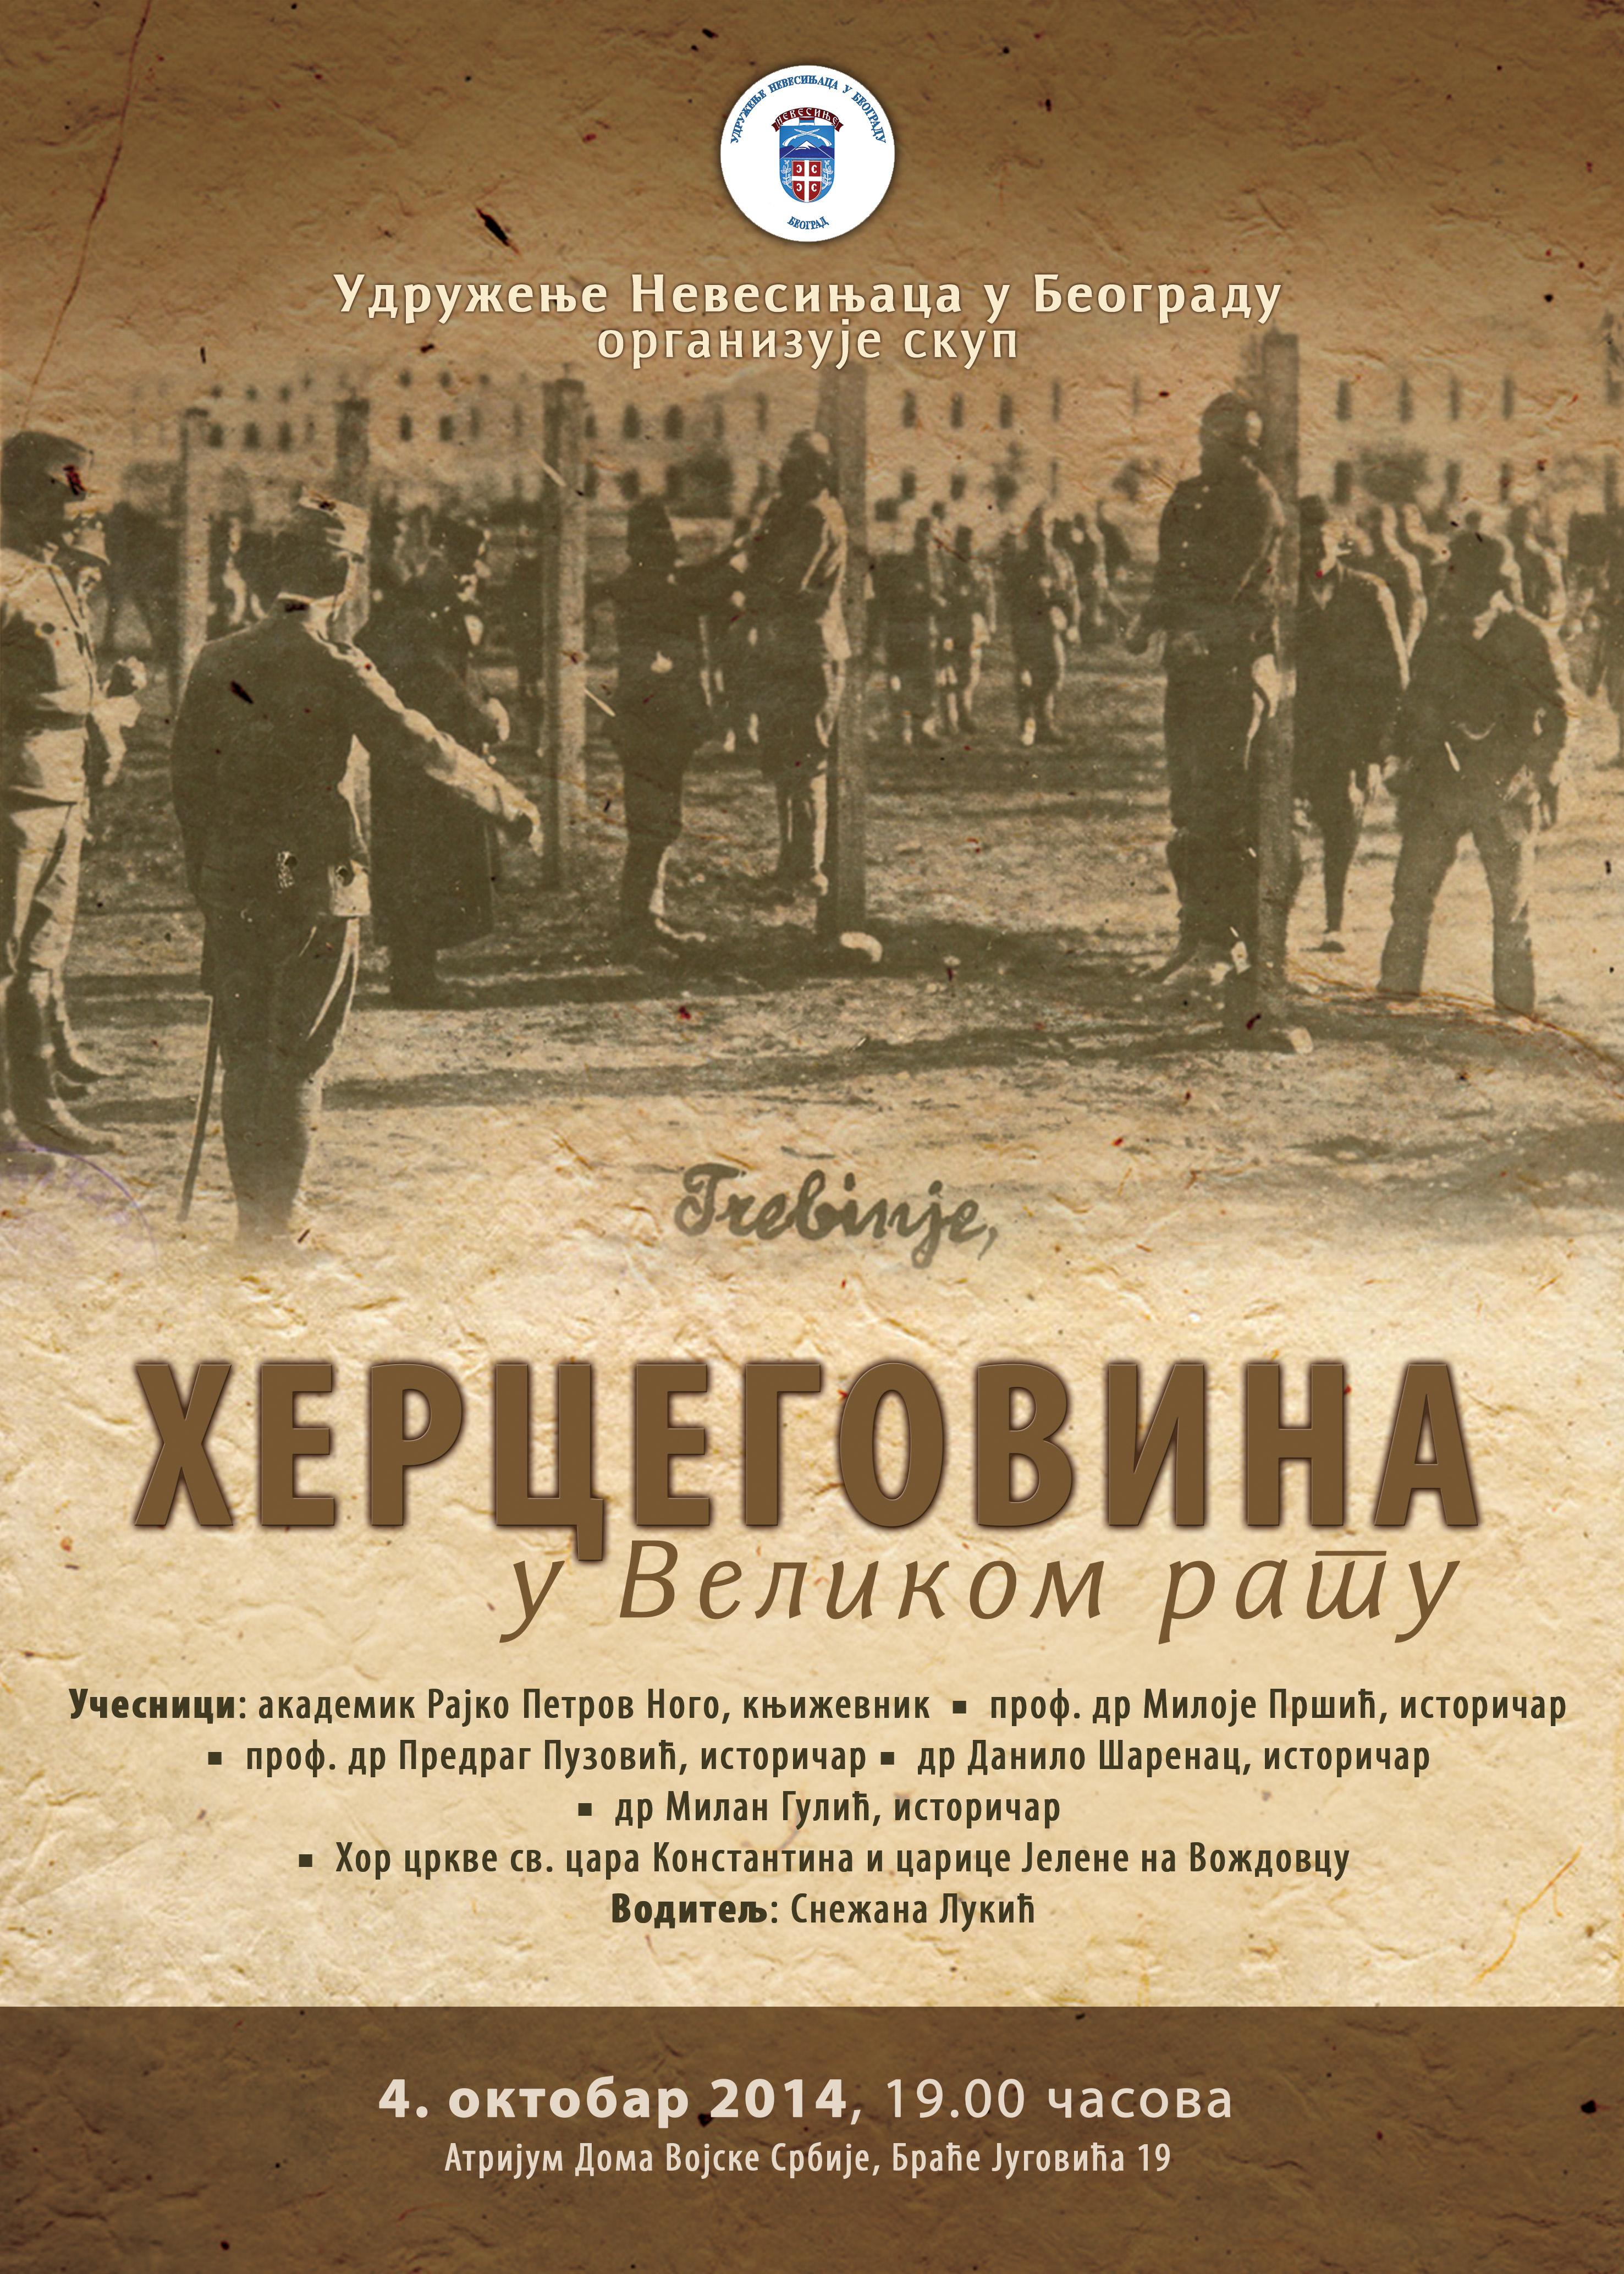 Hercegovina u Velikom ratu